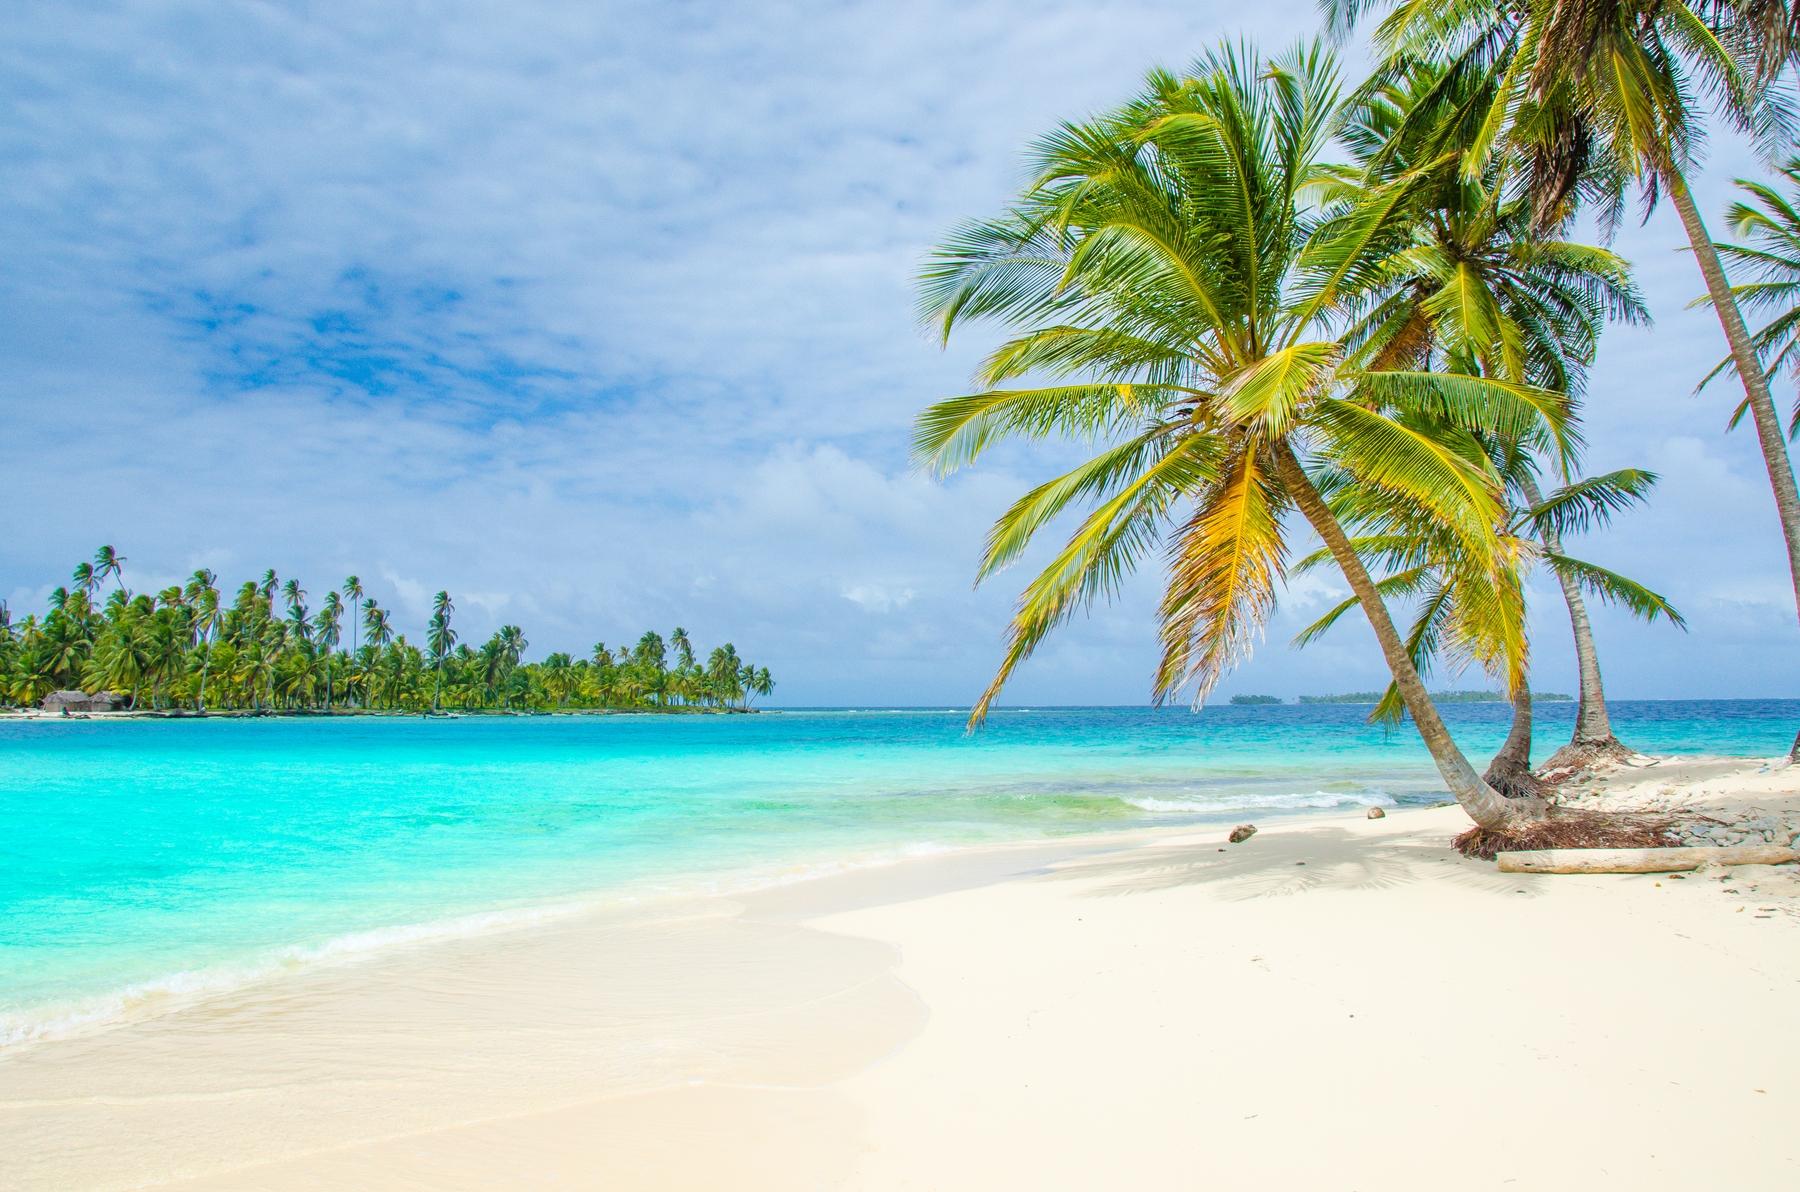 Vakantie Caribbean: tropisch strand met palmbomen en turquoise water